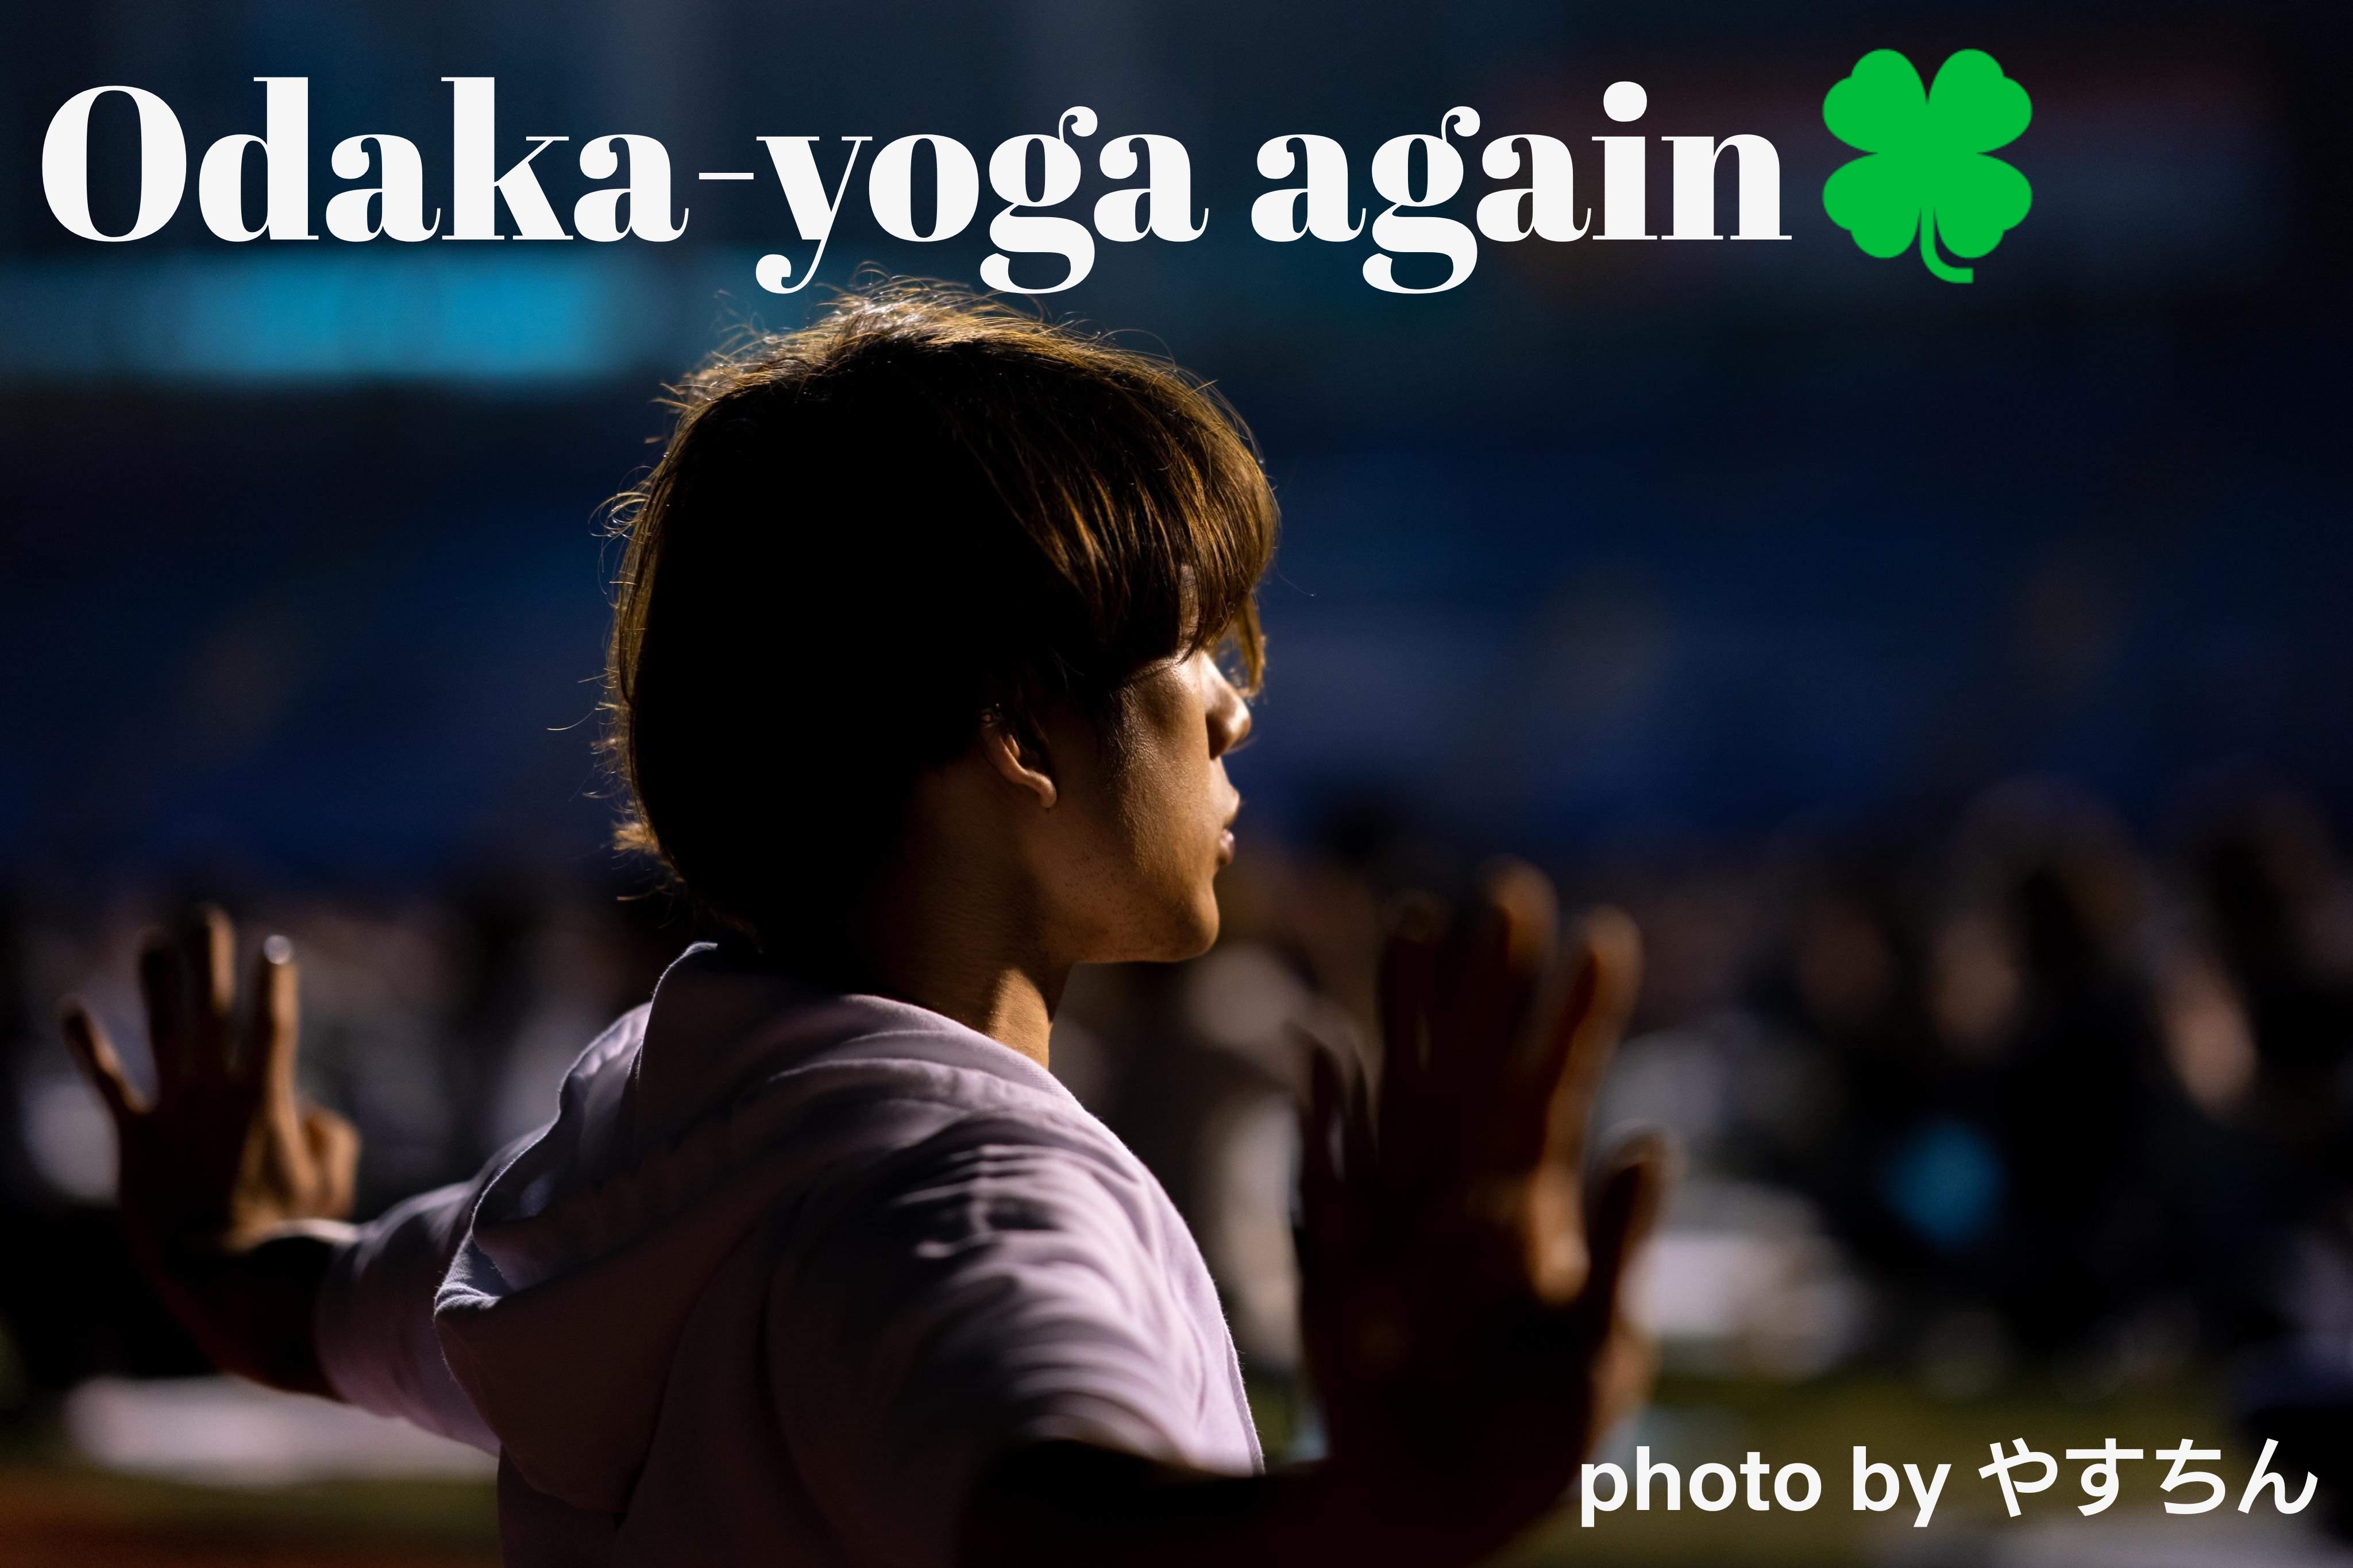 7月15日Odaka-yoga 残席わずか!